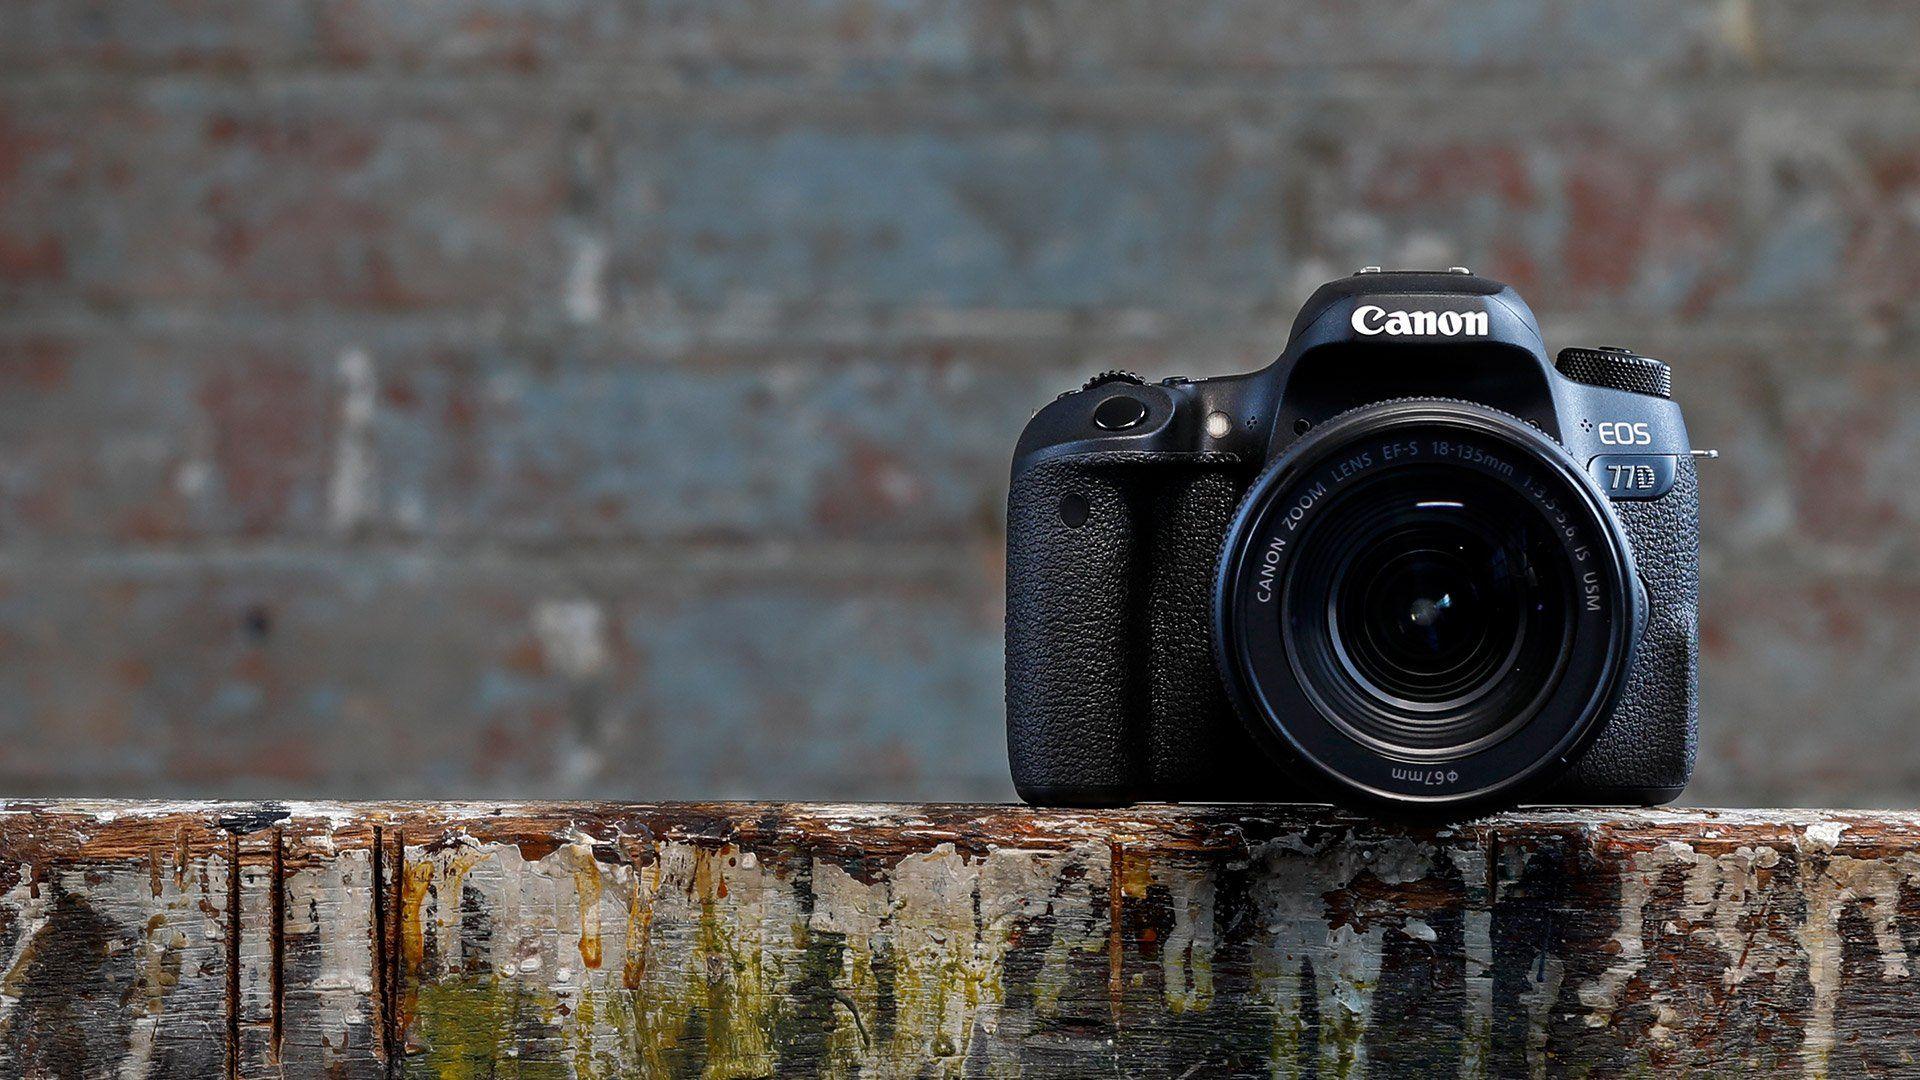 Canon EOS 77D - Cameras - Canon Europe